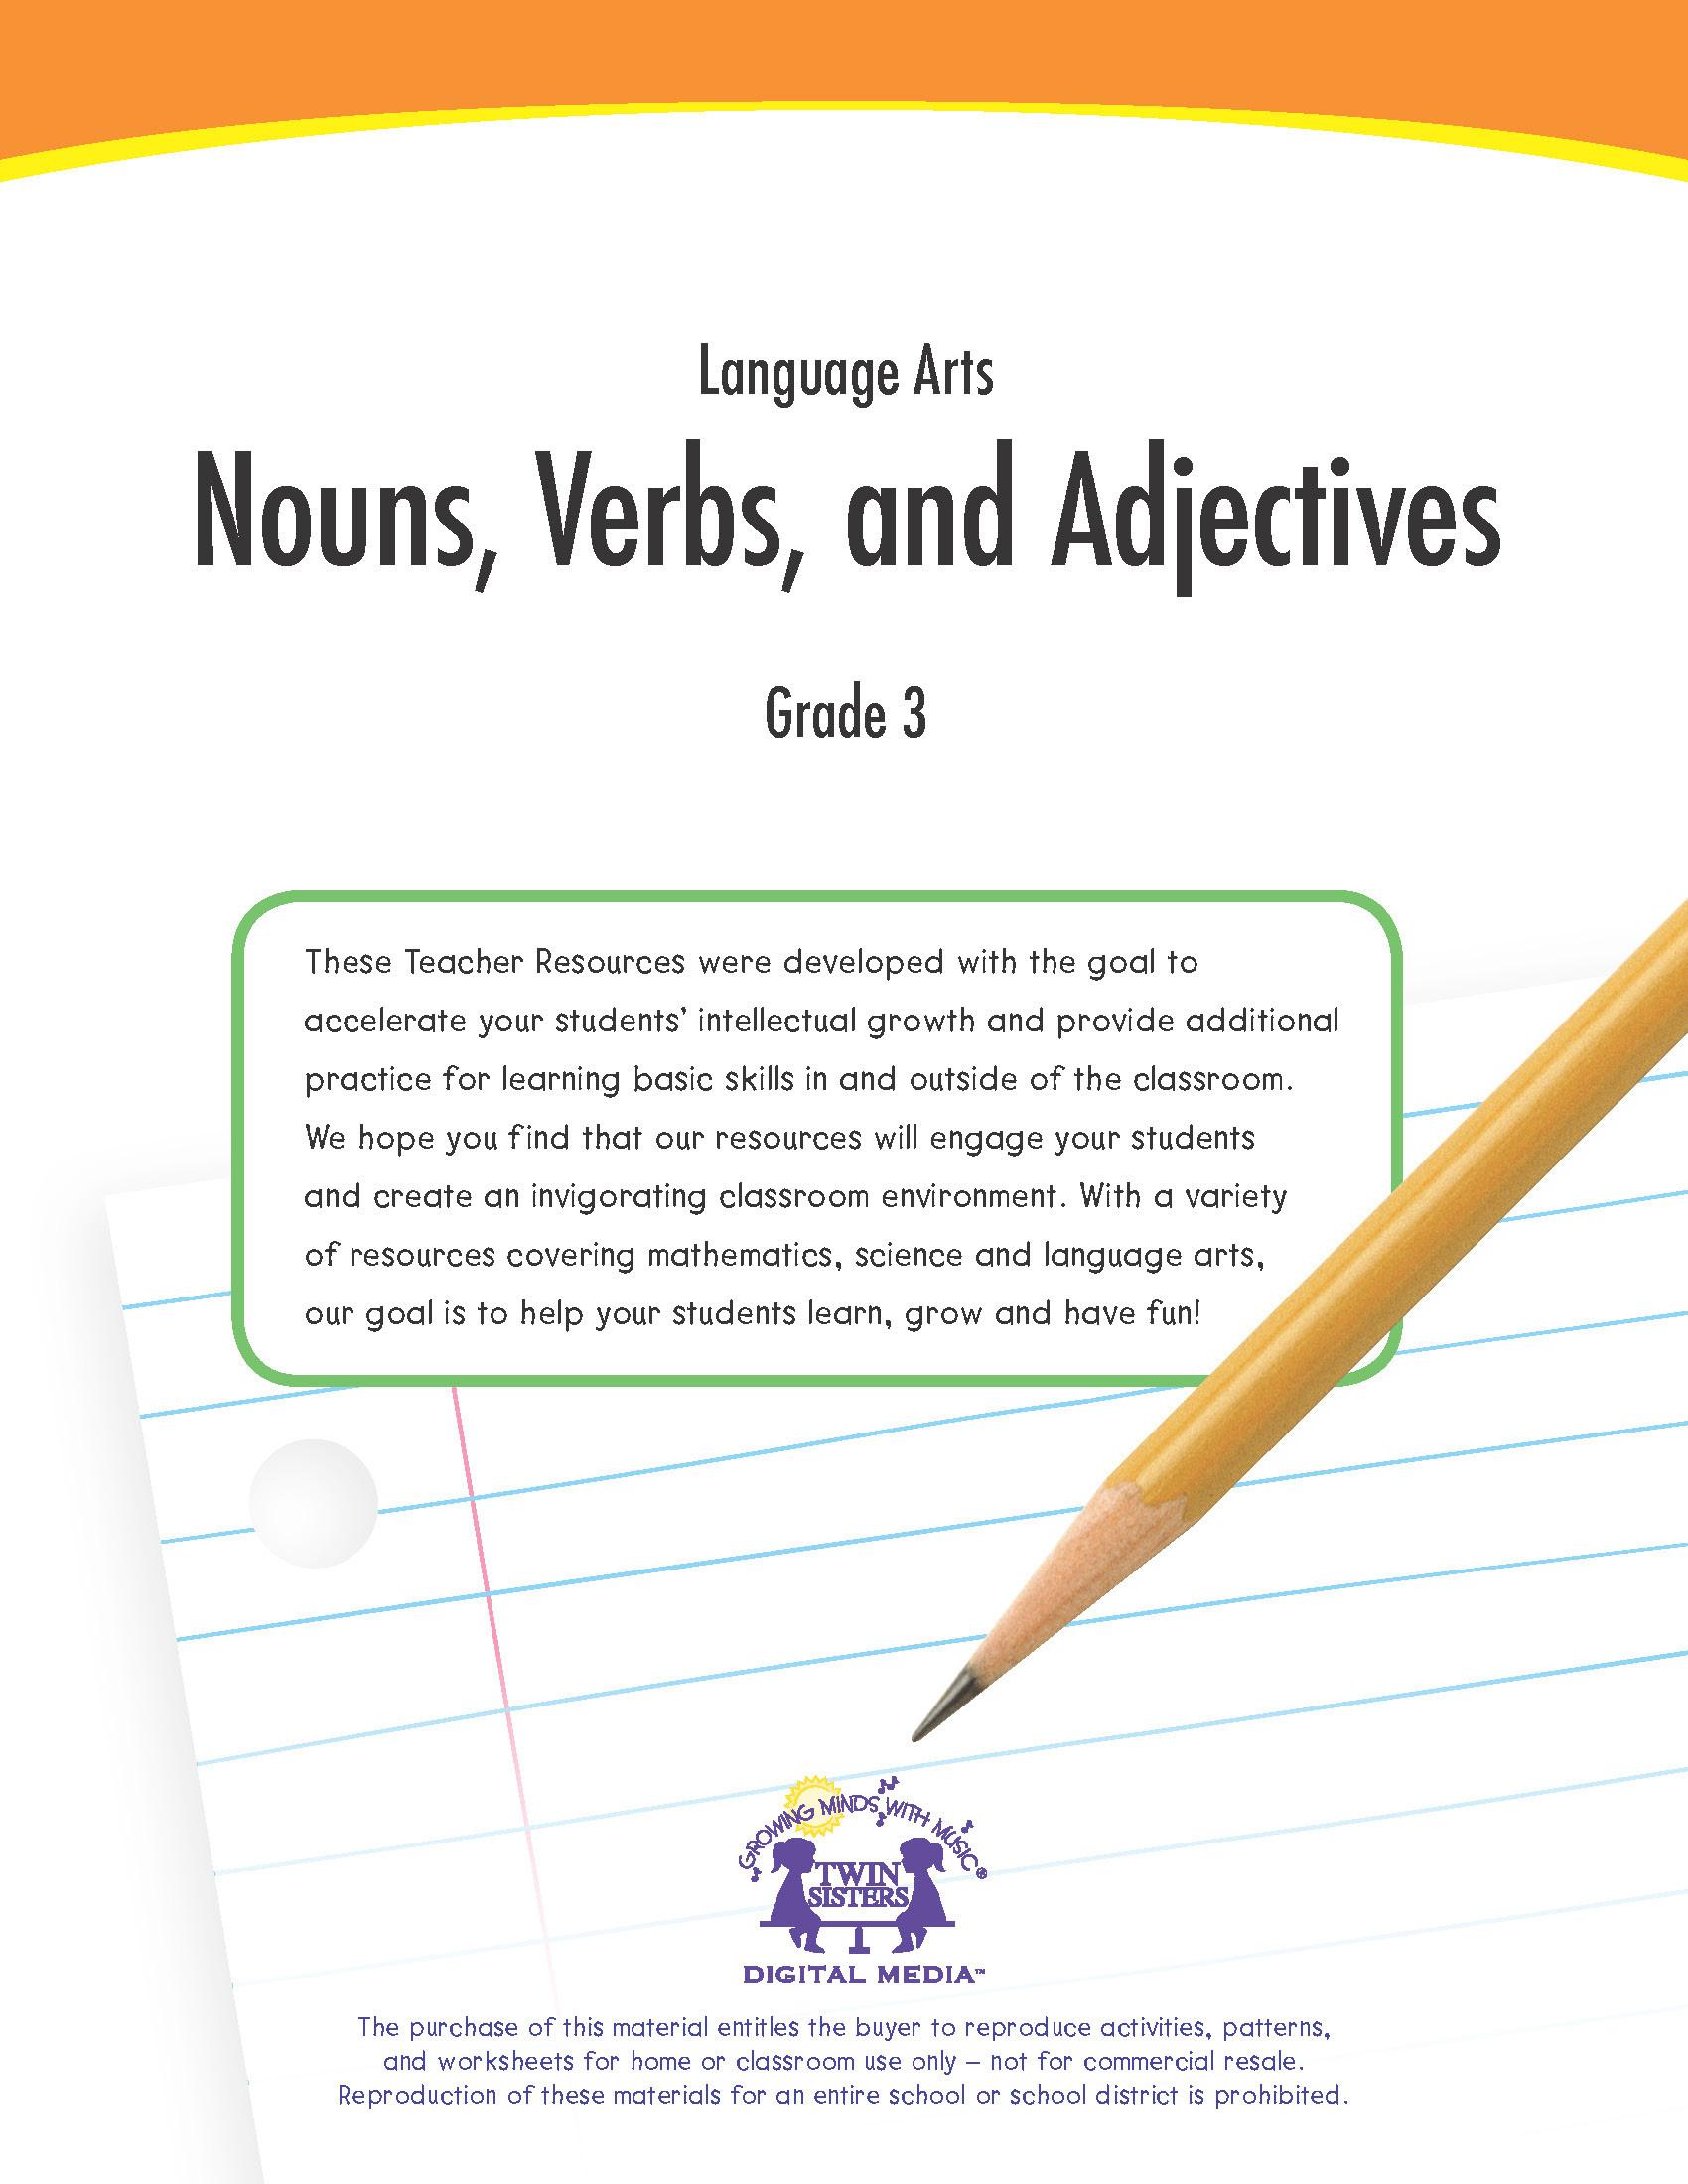 Noun Verb Adjective Worksheet Language Arts Grade 3 Nouns Verbs and Adjectives